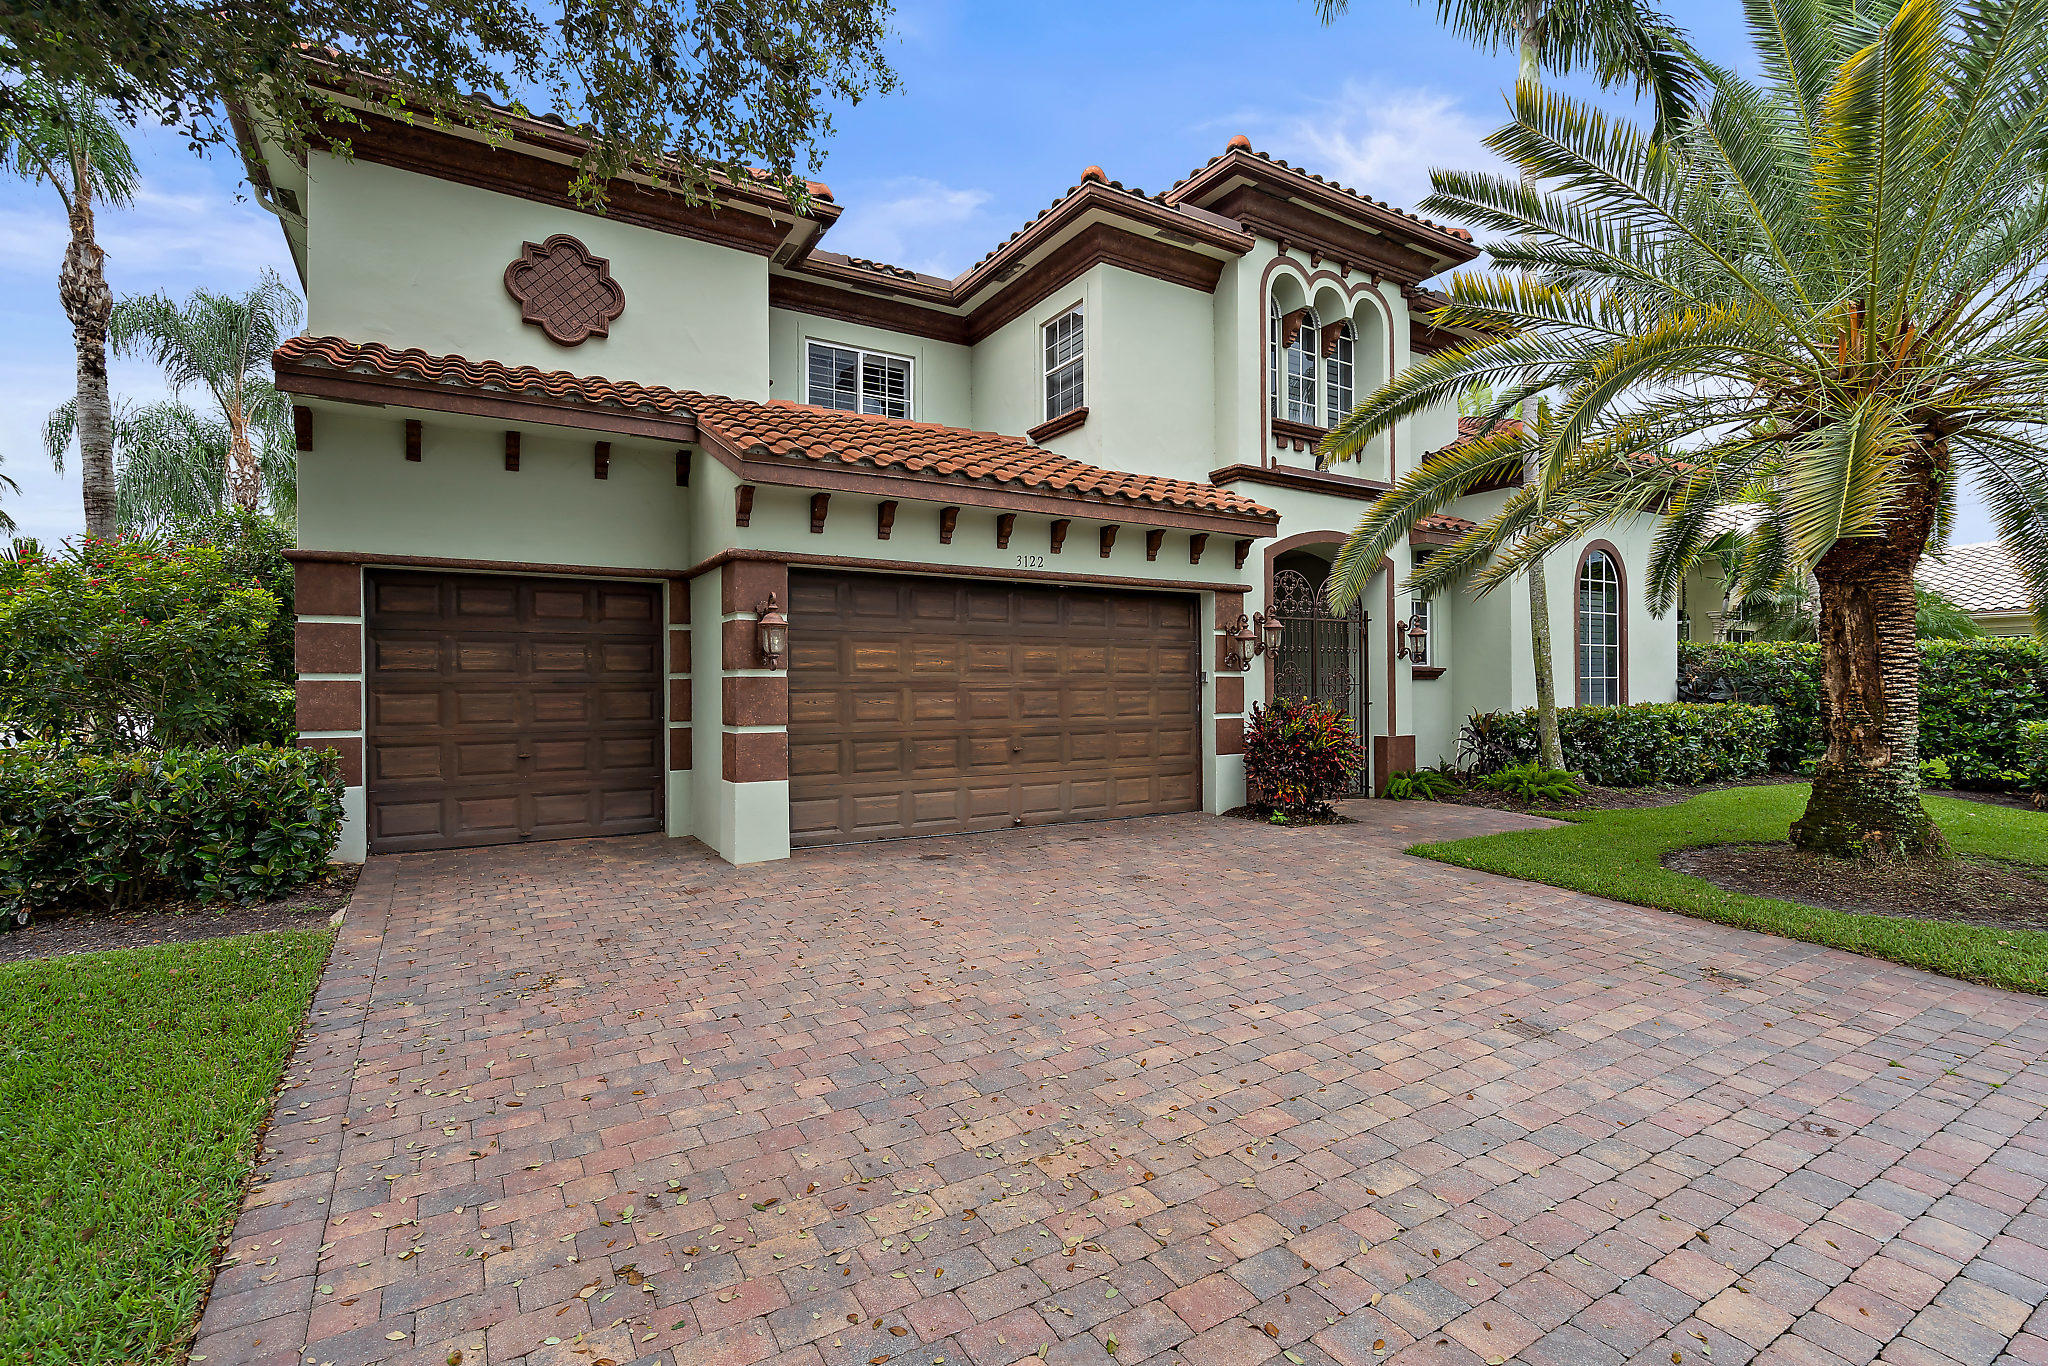 Details for 3122 San Michele Drive, Palm Beach Gardens, FL 33418